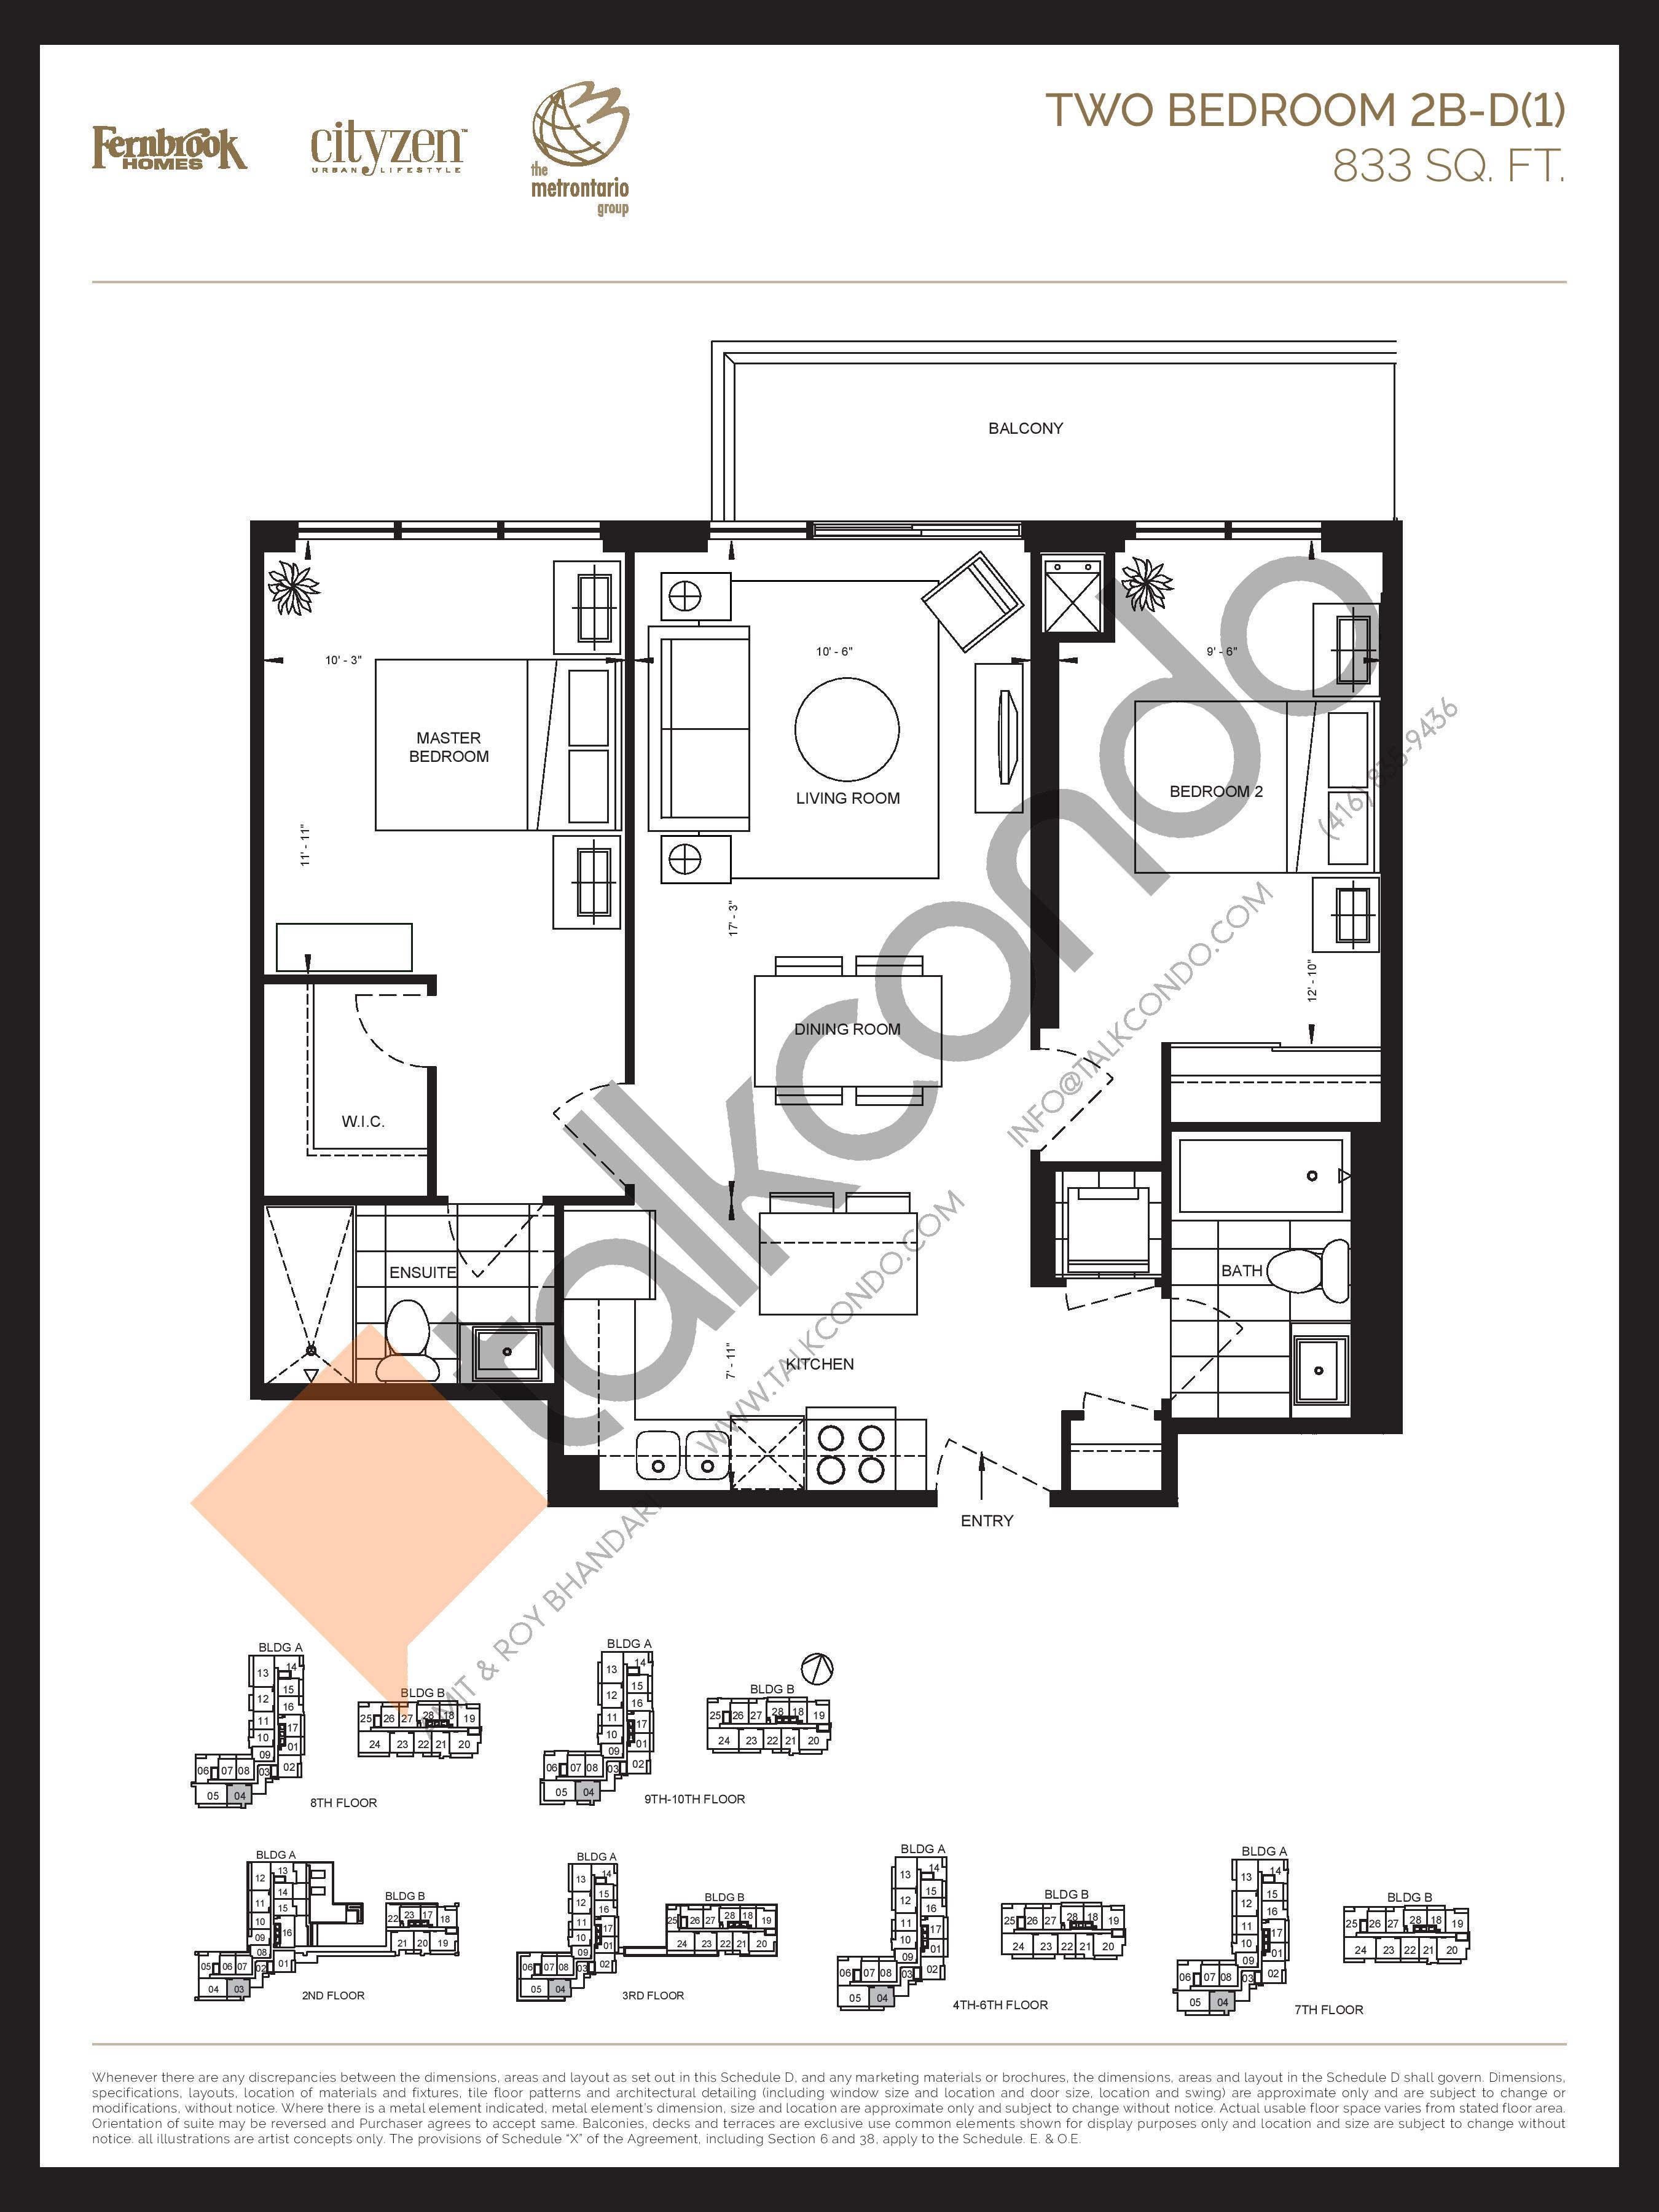 2B-D(1) Floor Plan at D'or Condos - 833 sq.ft